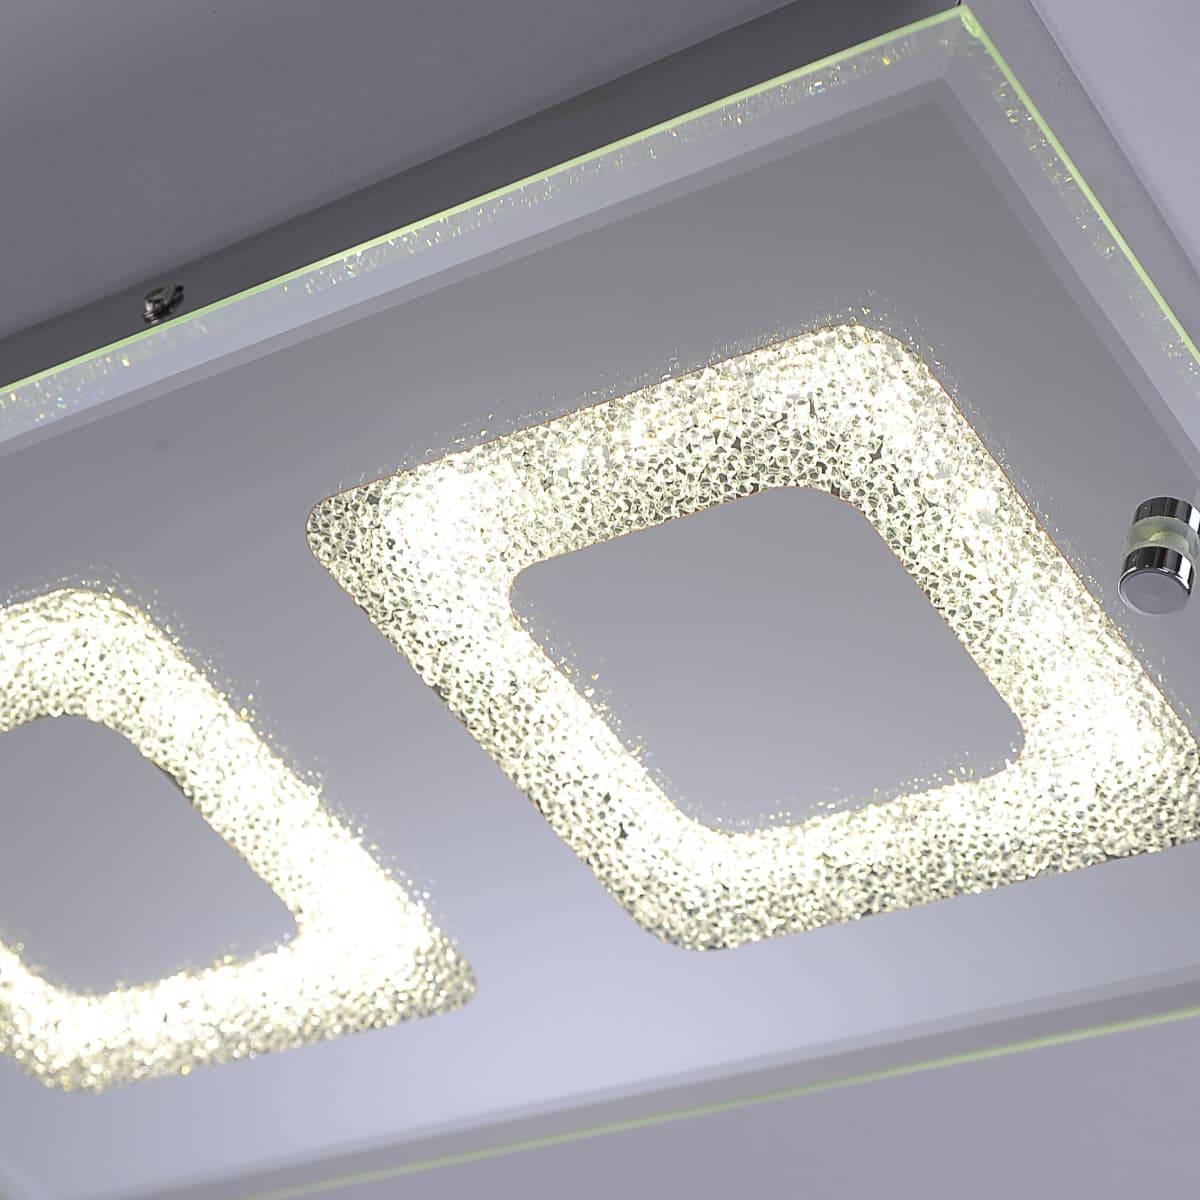 LED Deckenleuchte 2-flammig in chrom aus Glas gefertigt